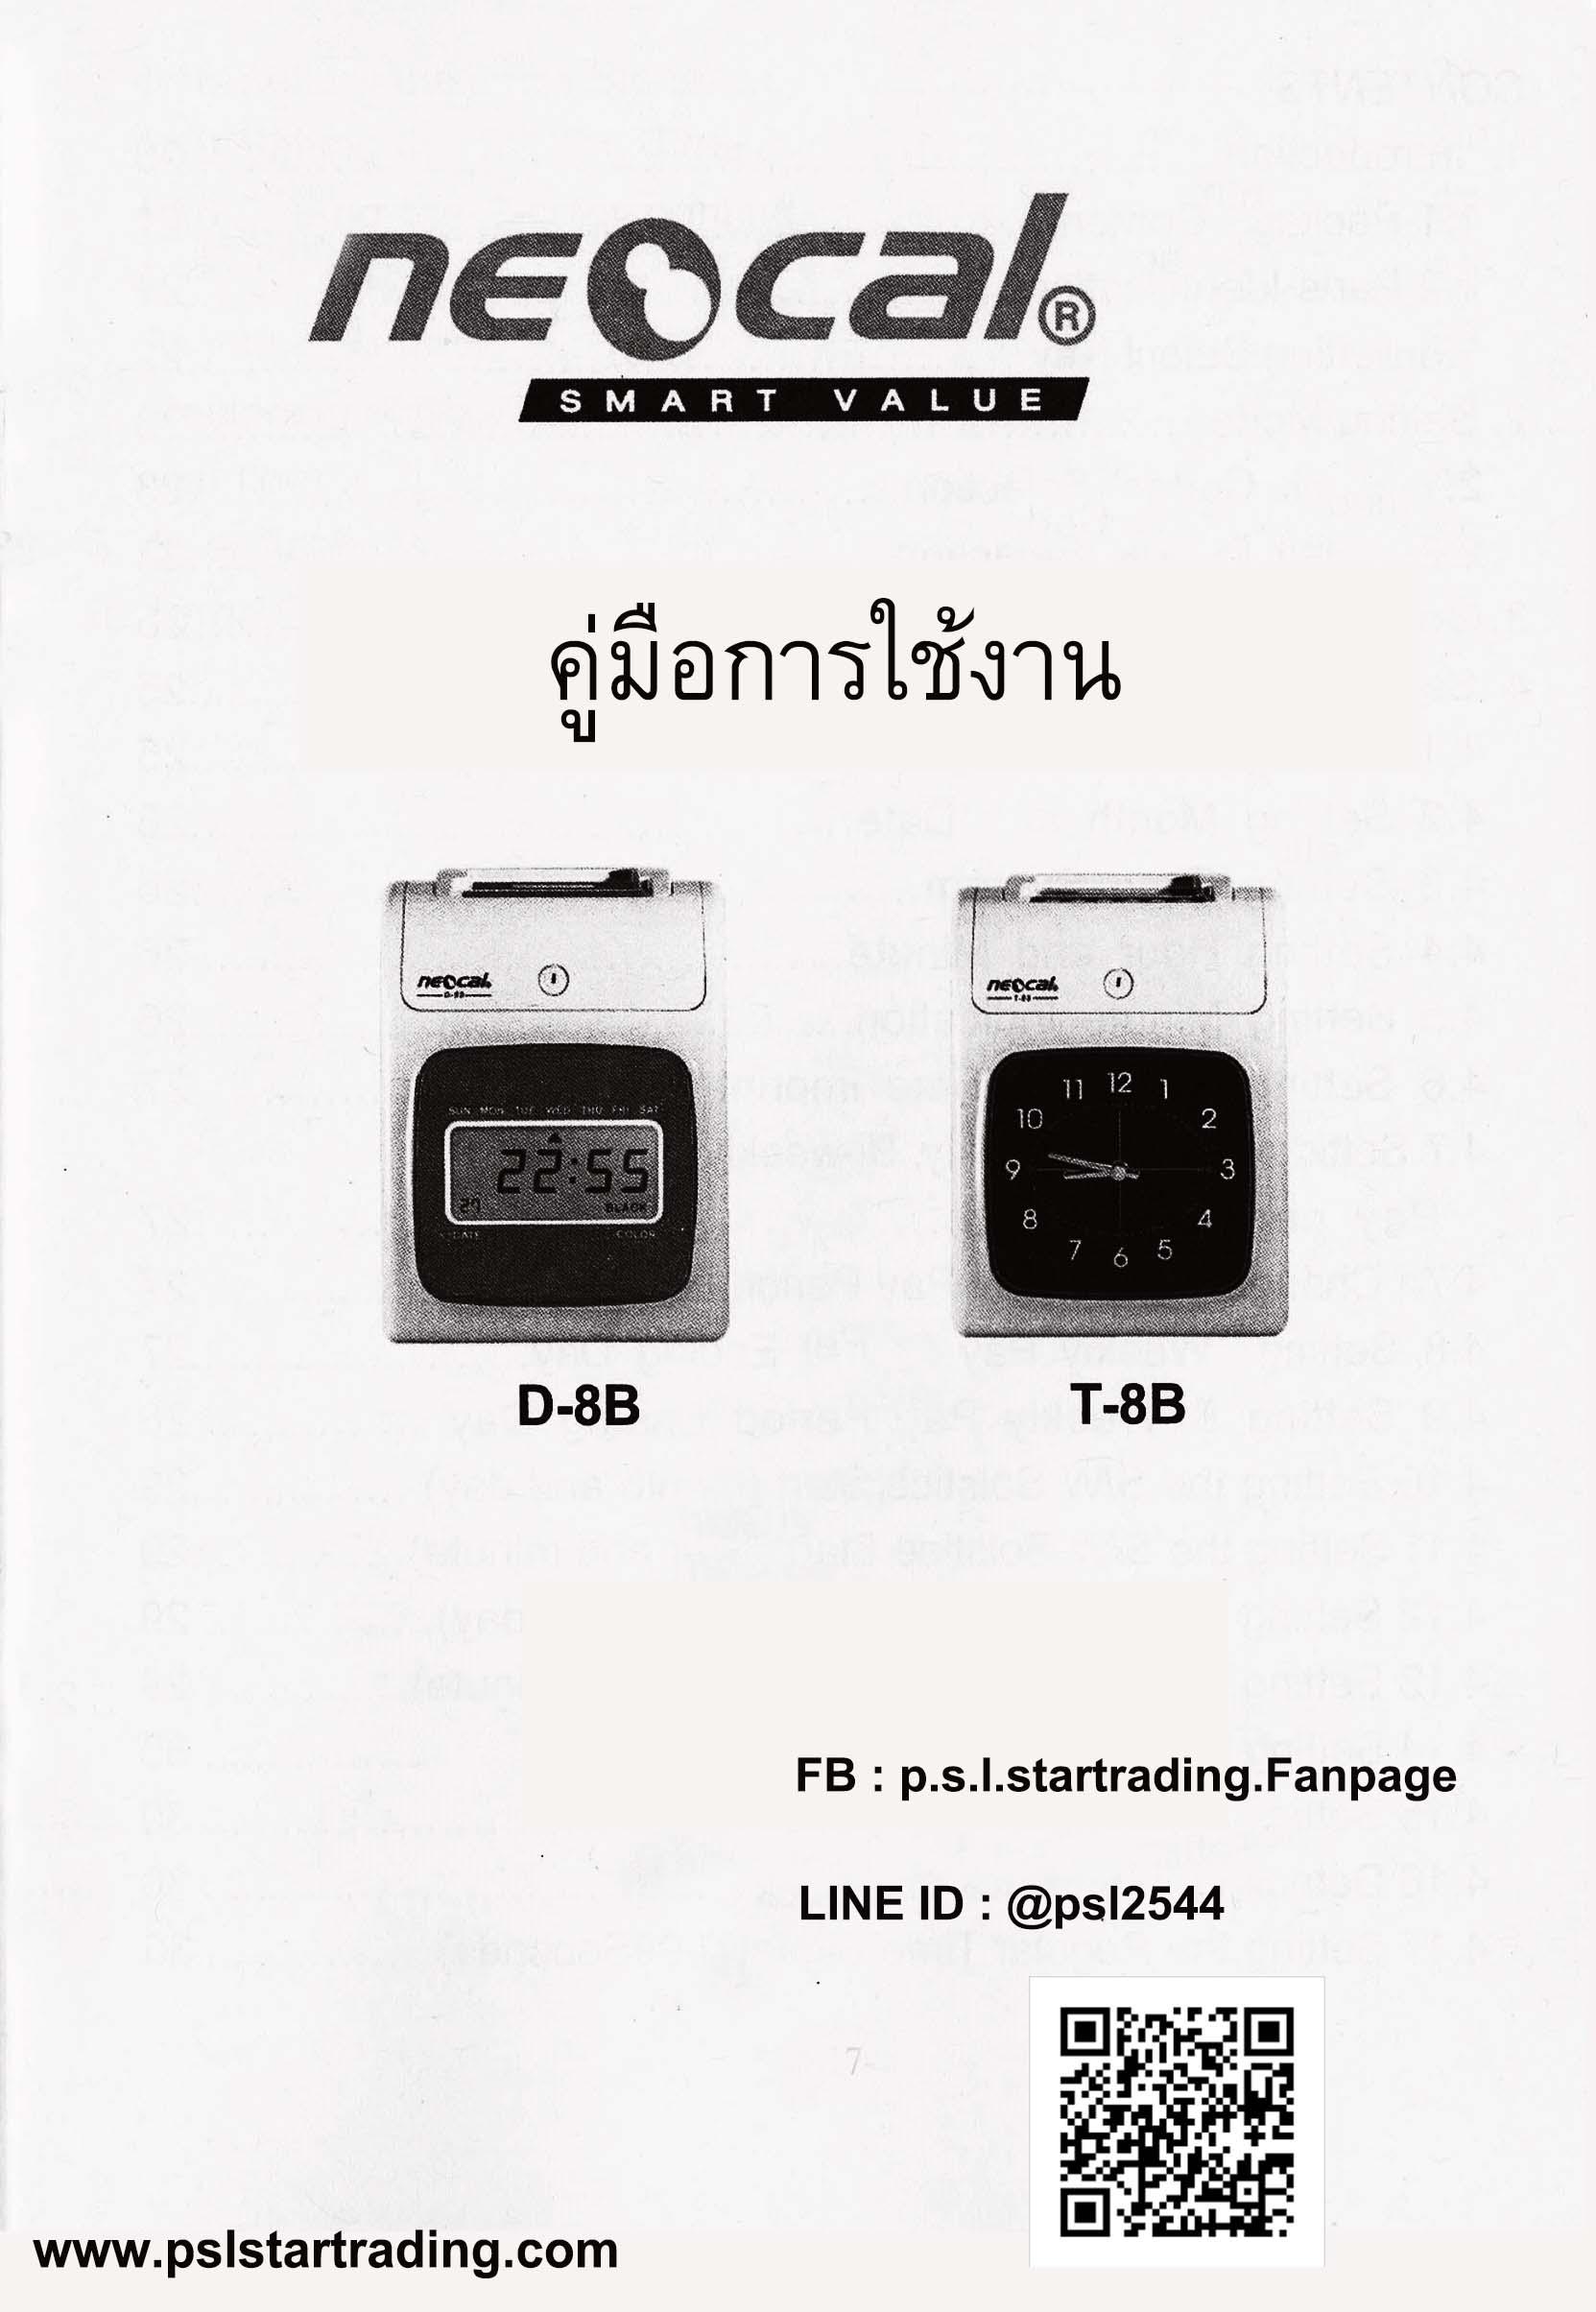 เครื่องตอกบัตร, นาฬิกาตอกบัตร, Neocal, D-8B, โอลิมเปีย, OLYMPIA, เครื่องตอกบัตร Neocal รุ่น D-8B